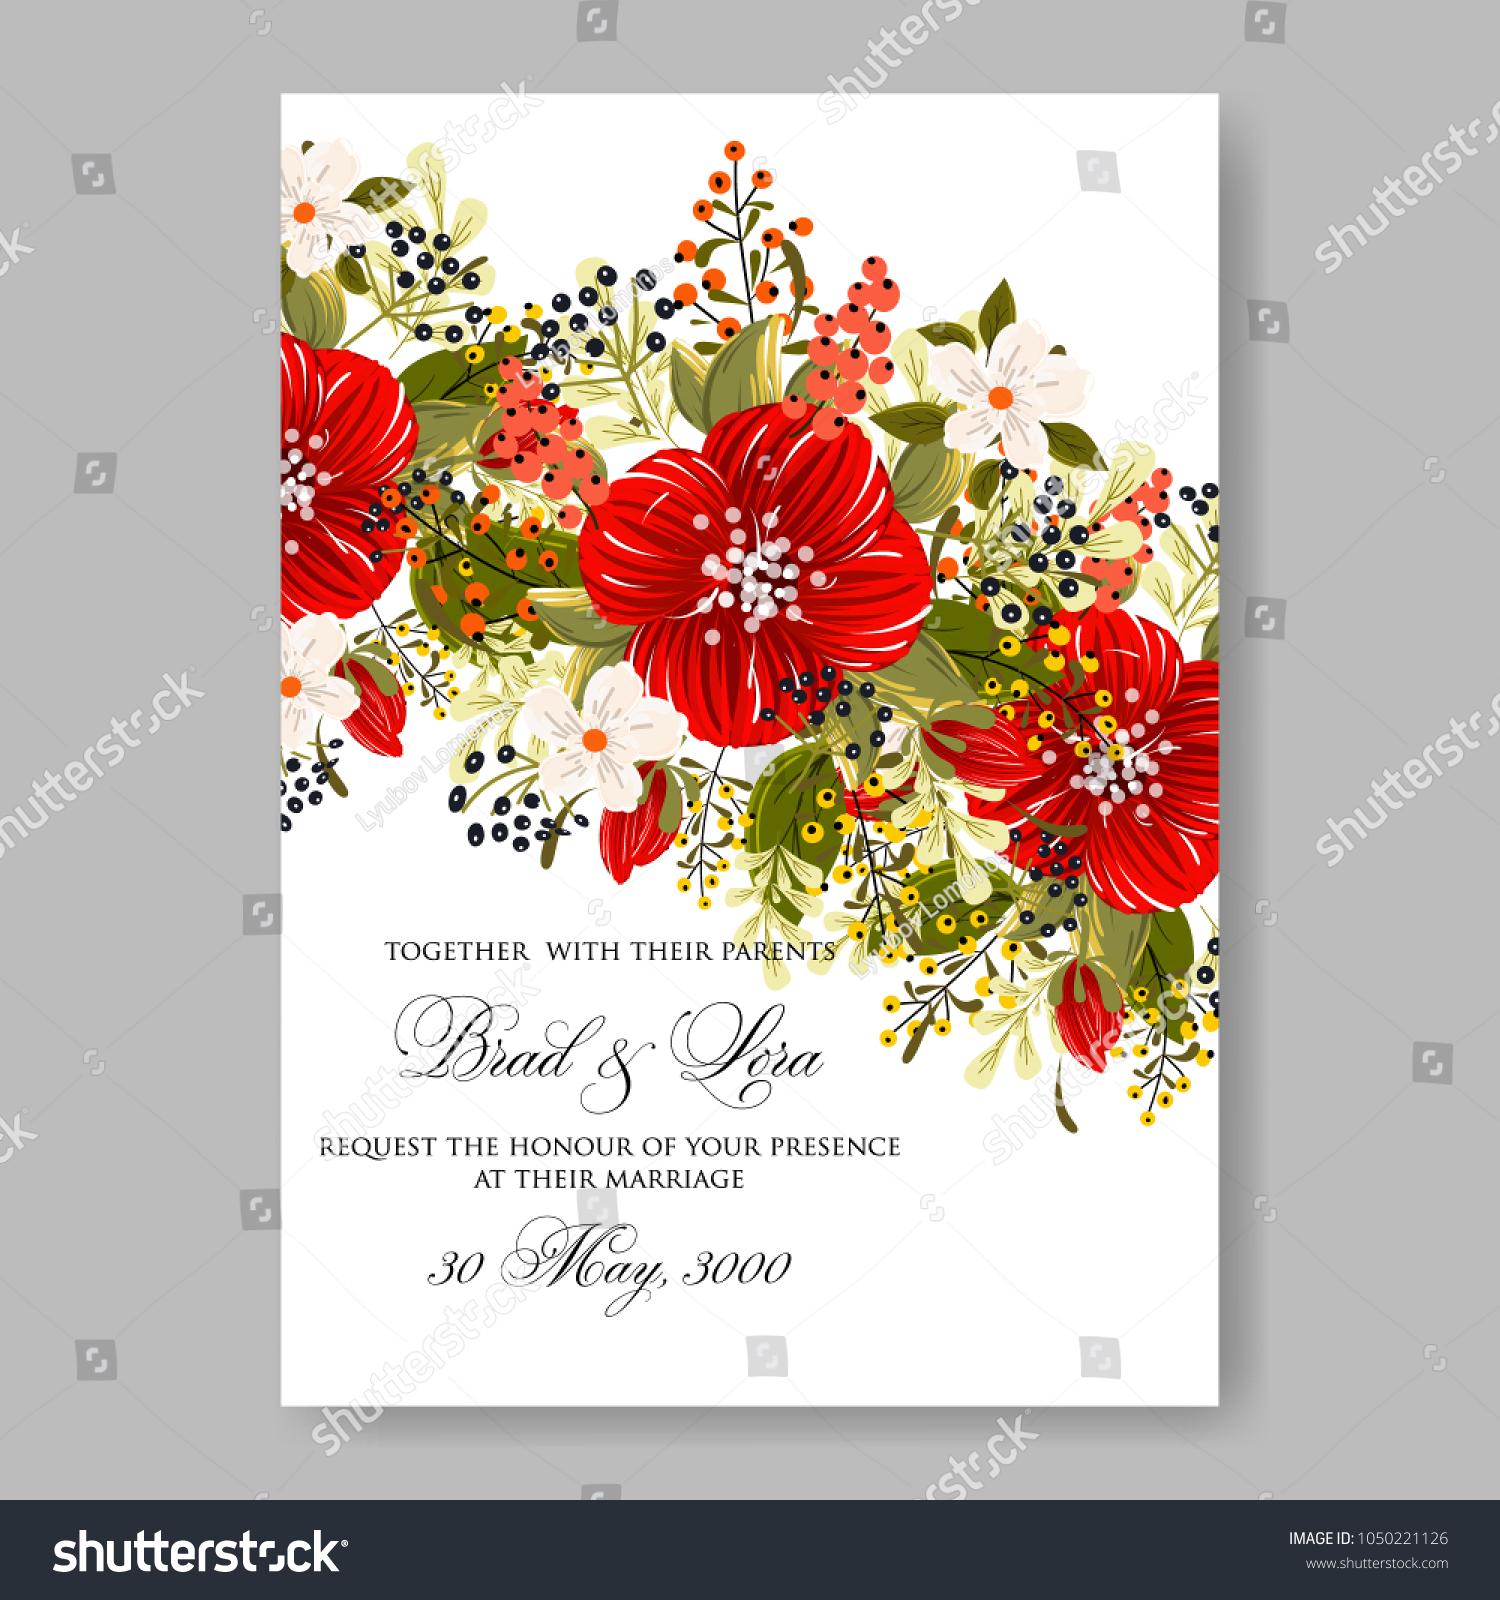 Unique Invitation For Wedding Ceremony Ideas - Invitations and ...